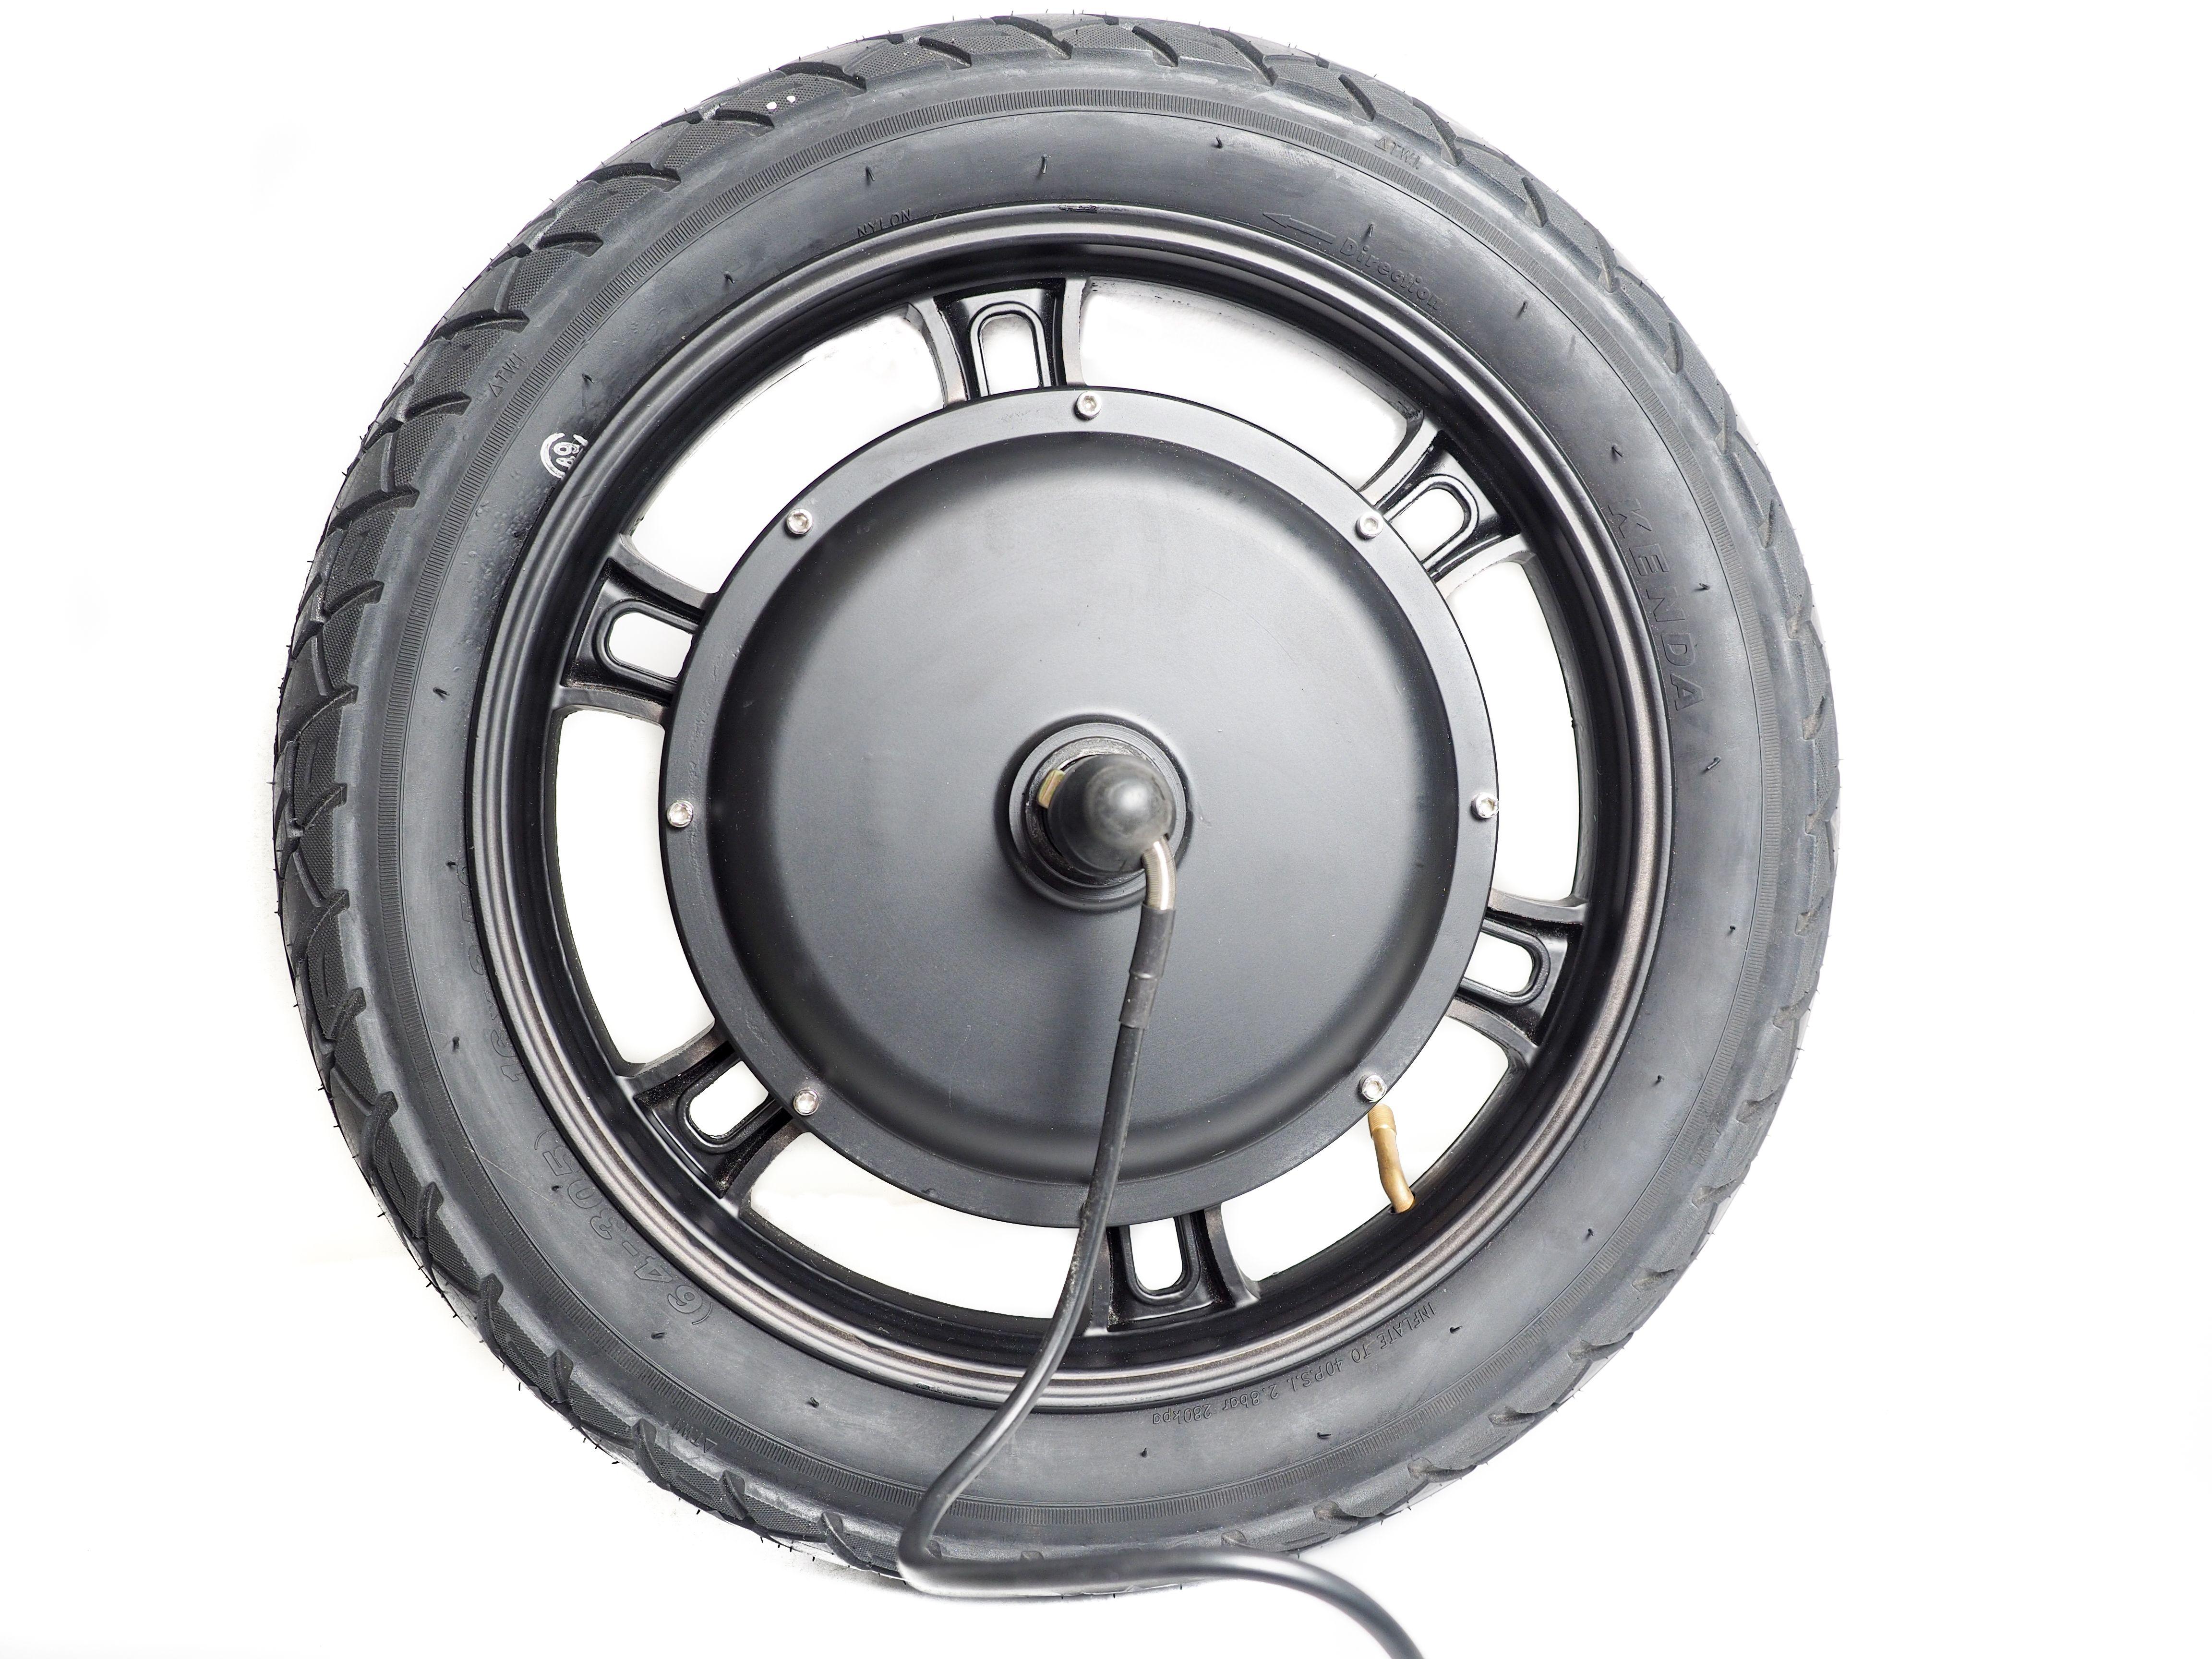 moteur brushless roue motrice 16 aluminium 36v 48v 1000w. Black Bedroom Furniture Sets. Home Design Ideas